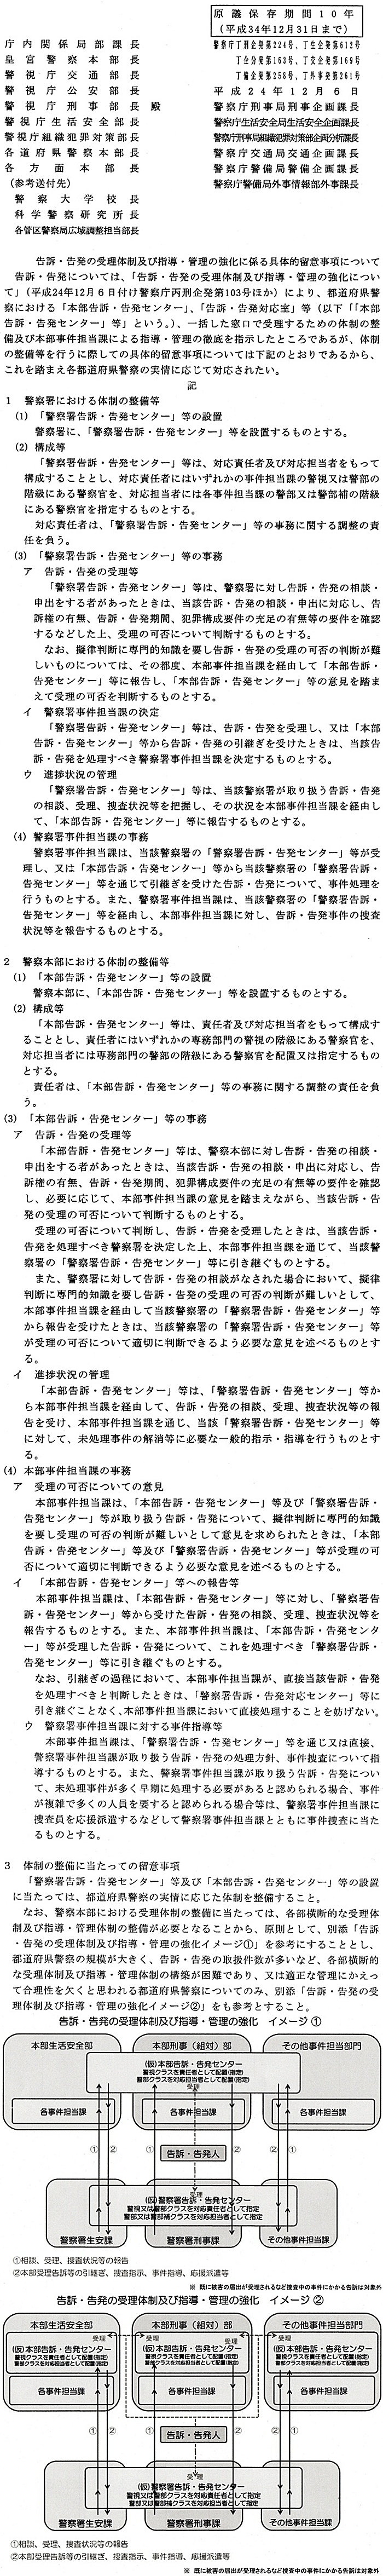 警察庁 告訴・告発